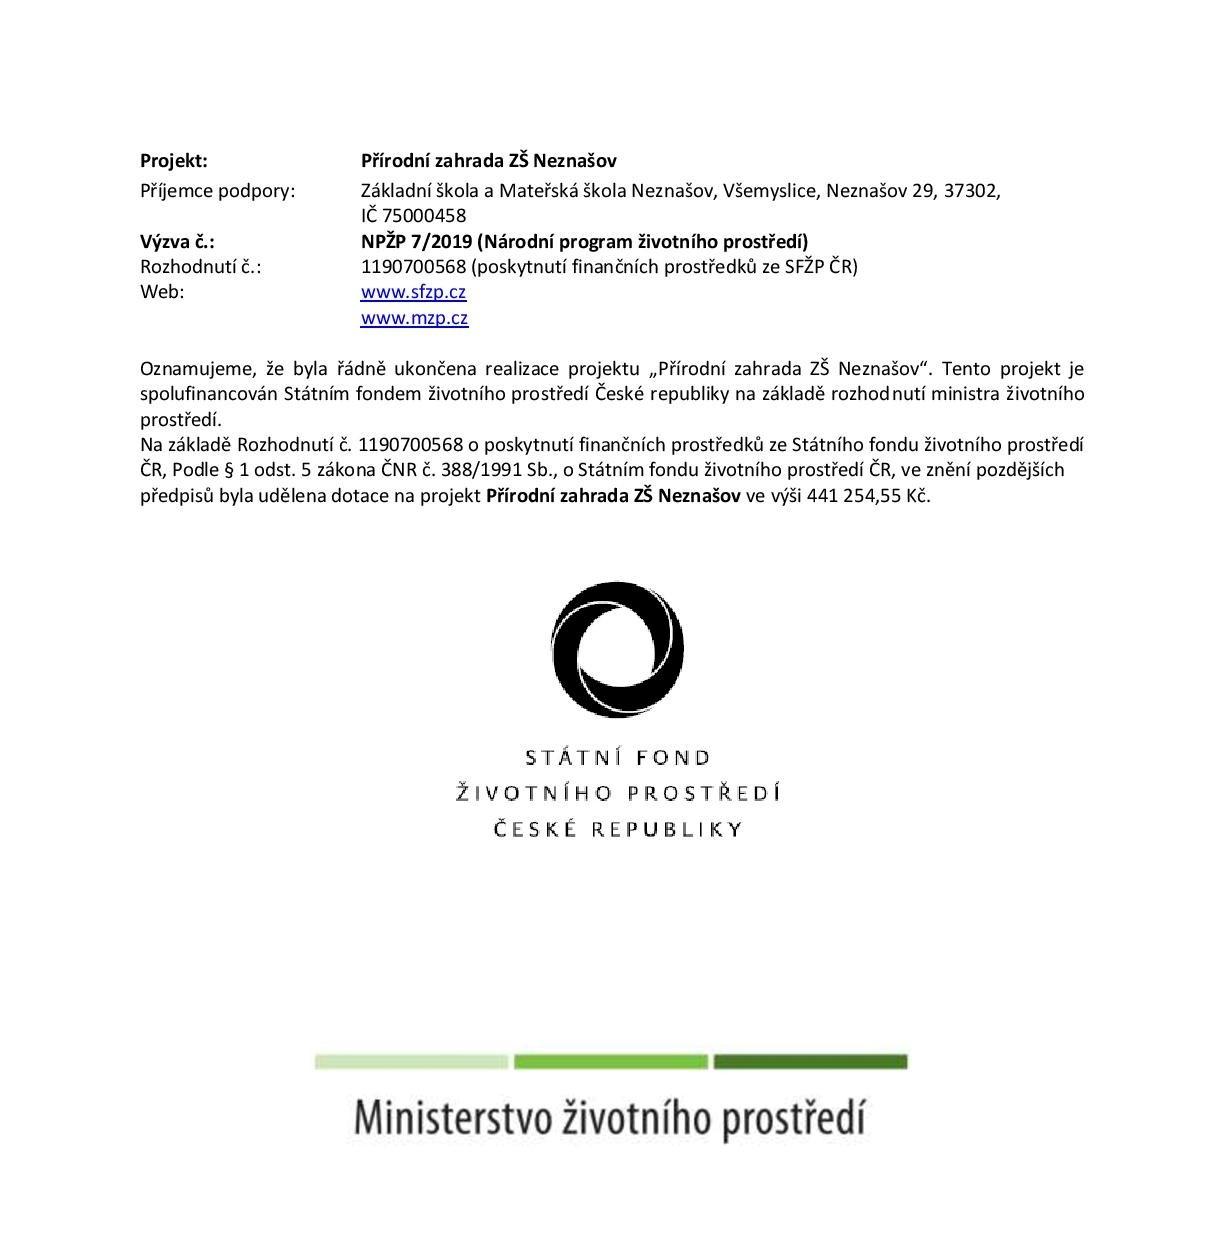 Rozpočet projektu a velké logo Státního fondu životního prostředí